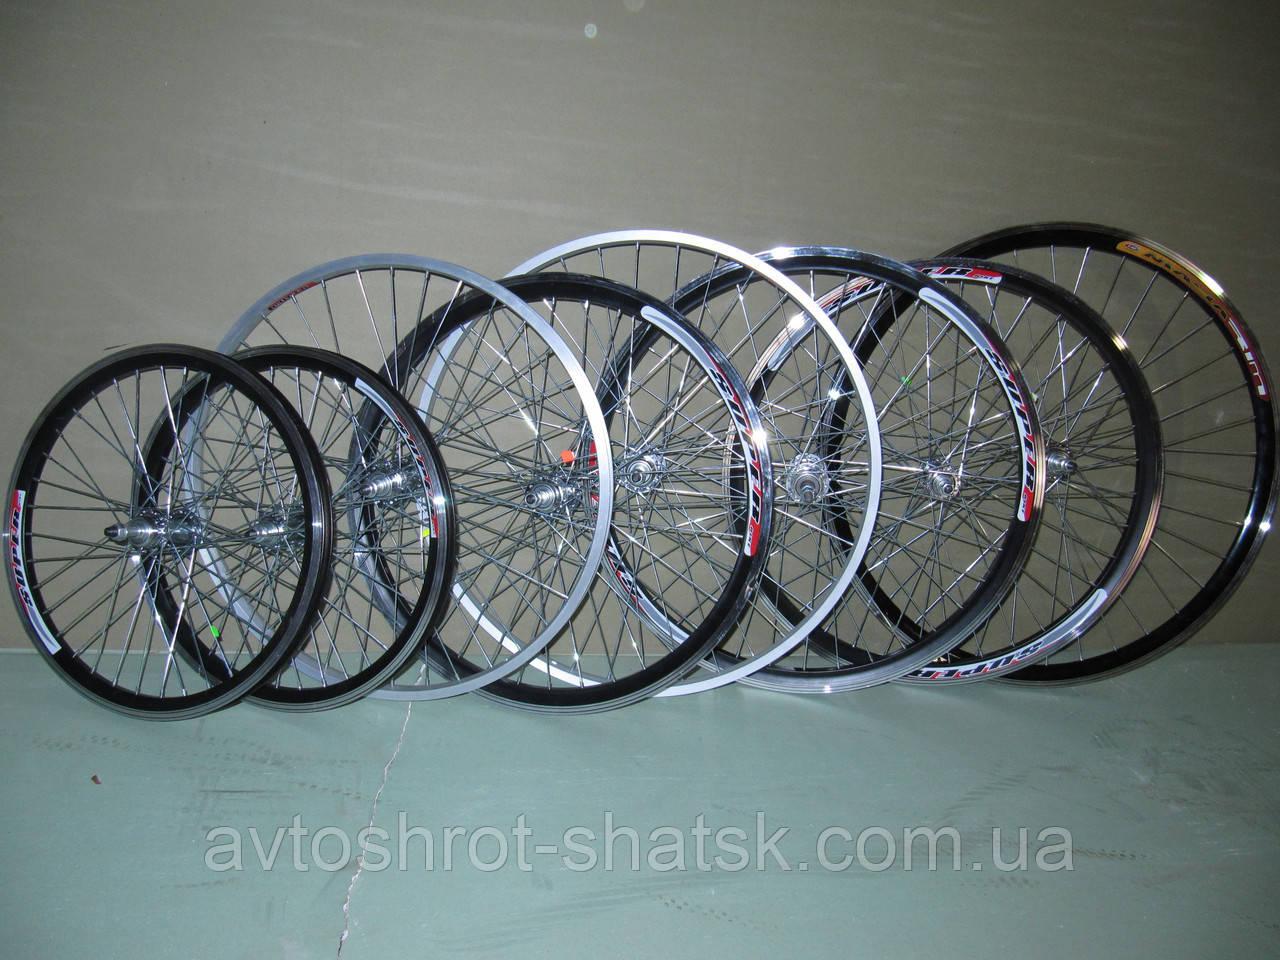 Велоколесо.колесо.обод